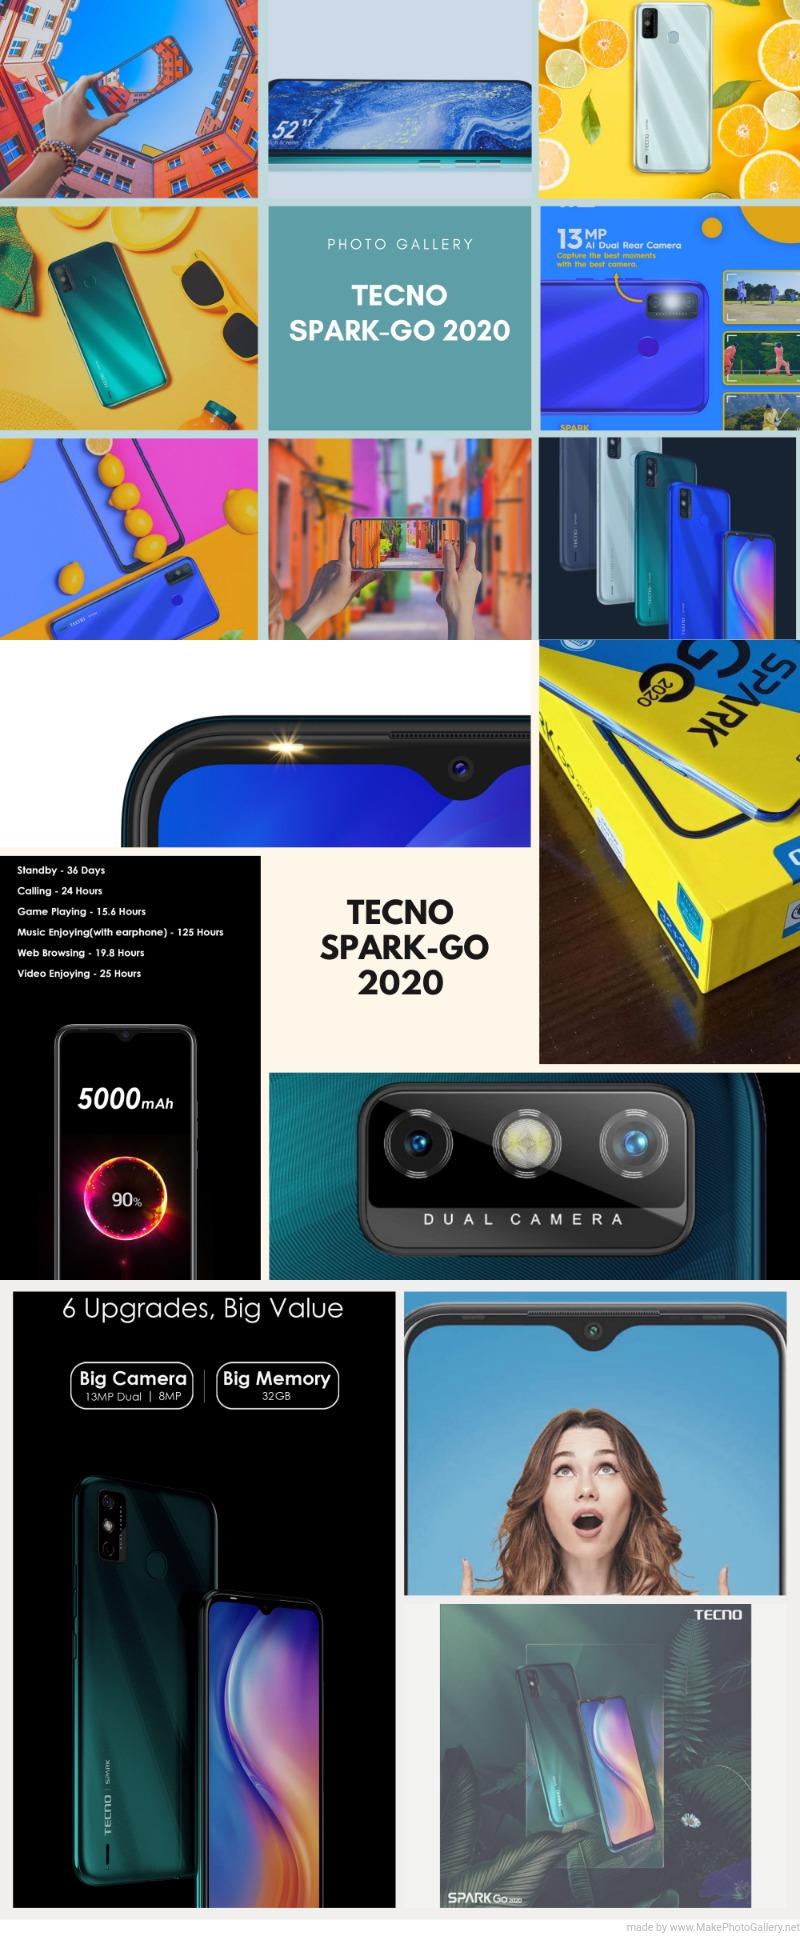 makephotogallery.net_1609700816.JPG